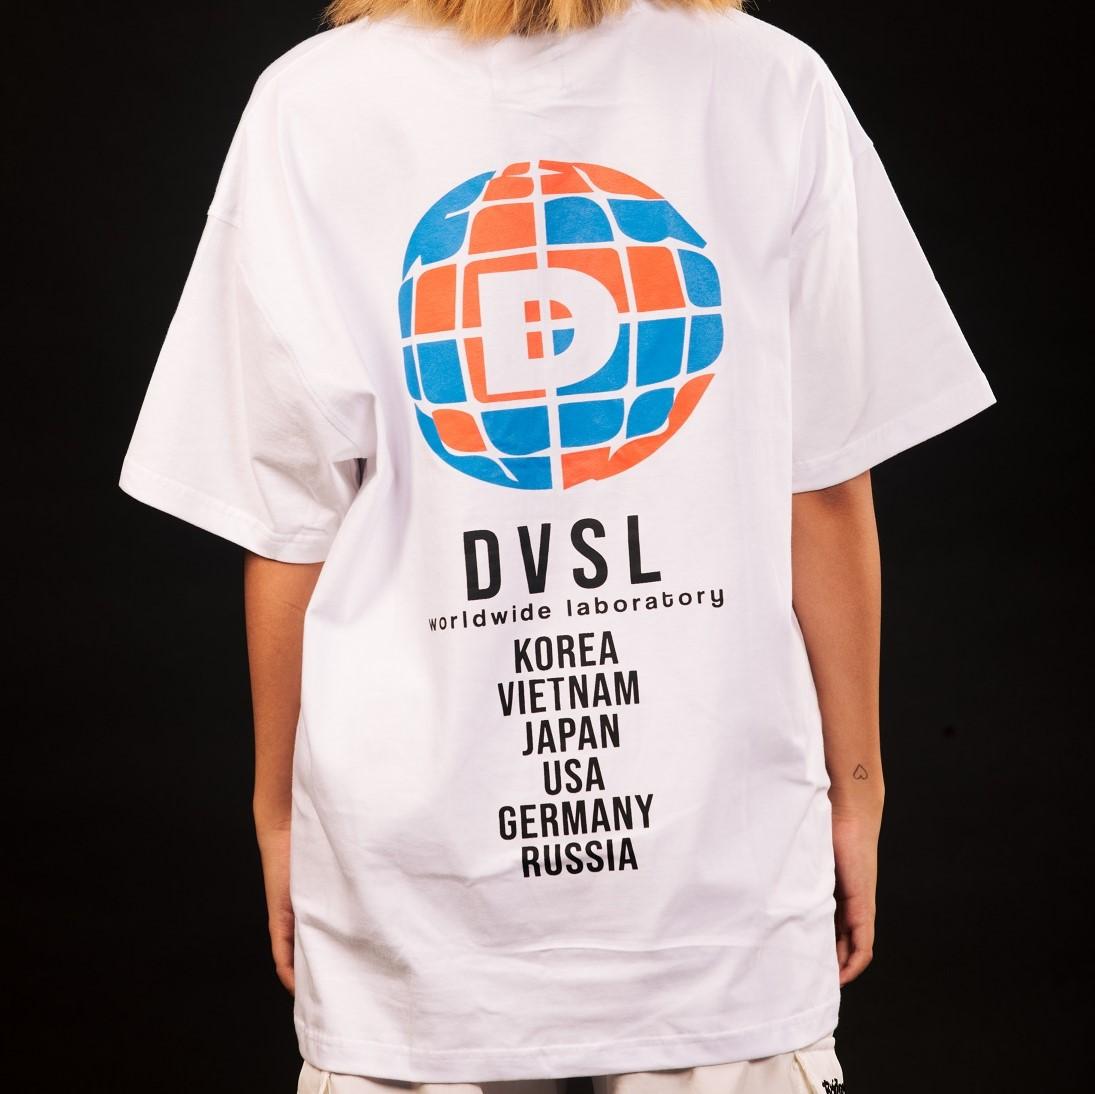 DVSL TEE WORLDWIDE